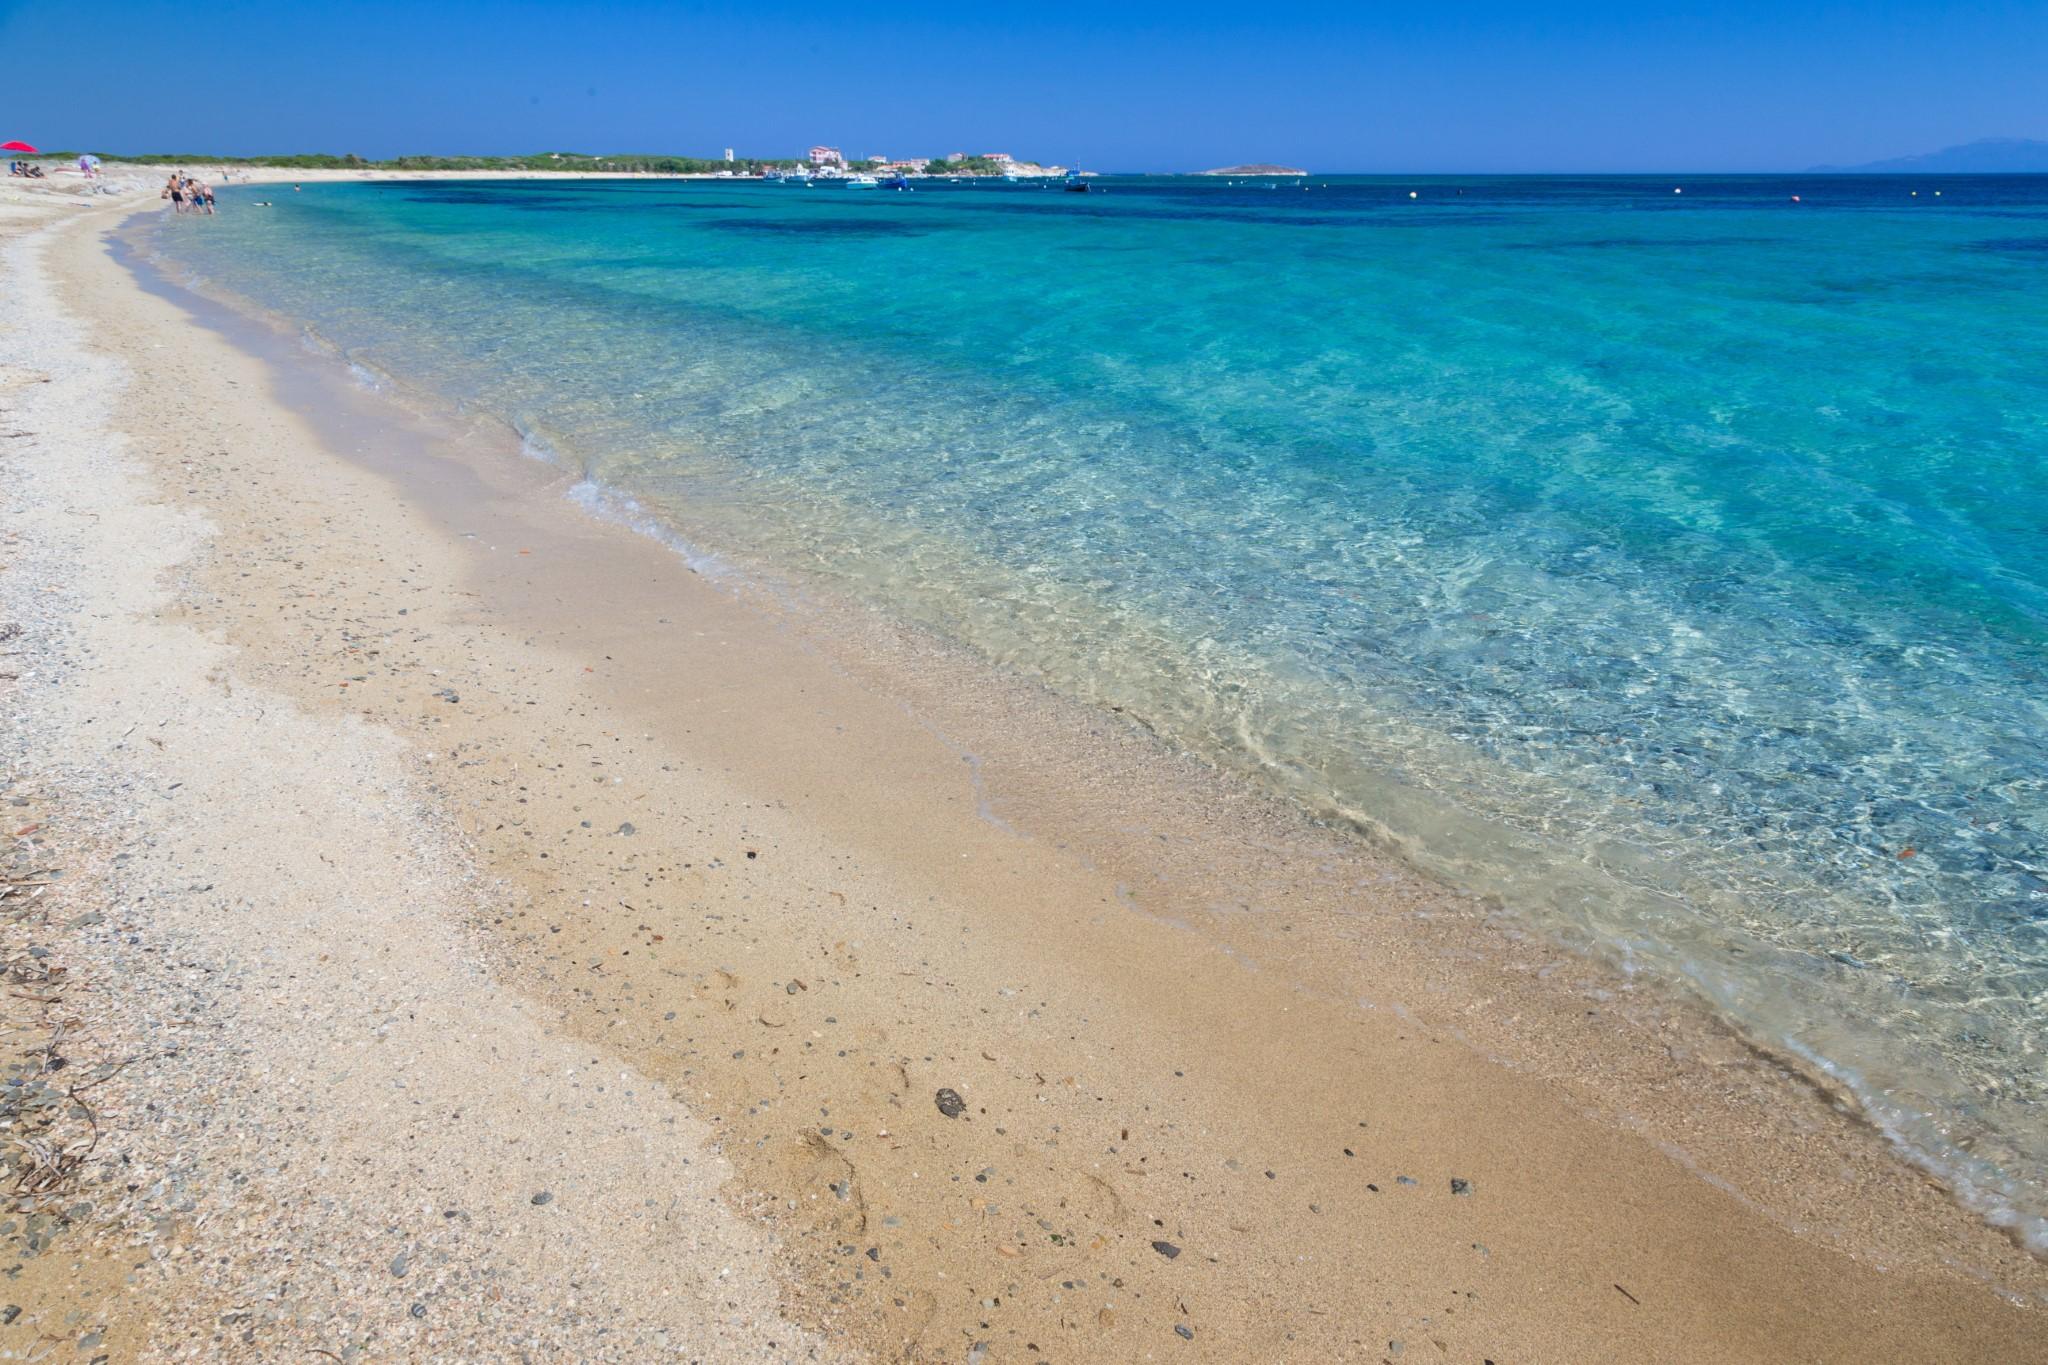 Putzu idu beach, Sardina island